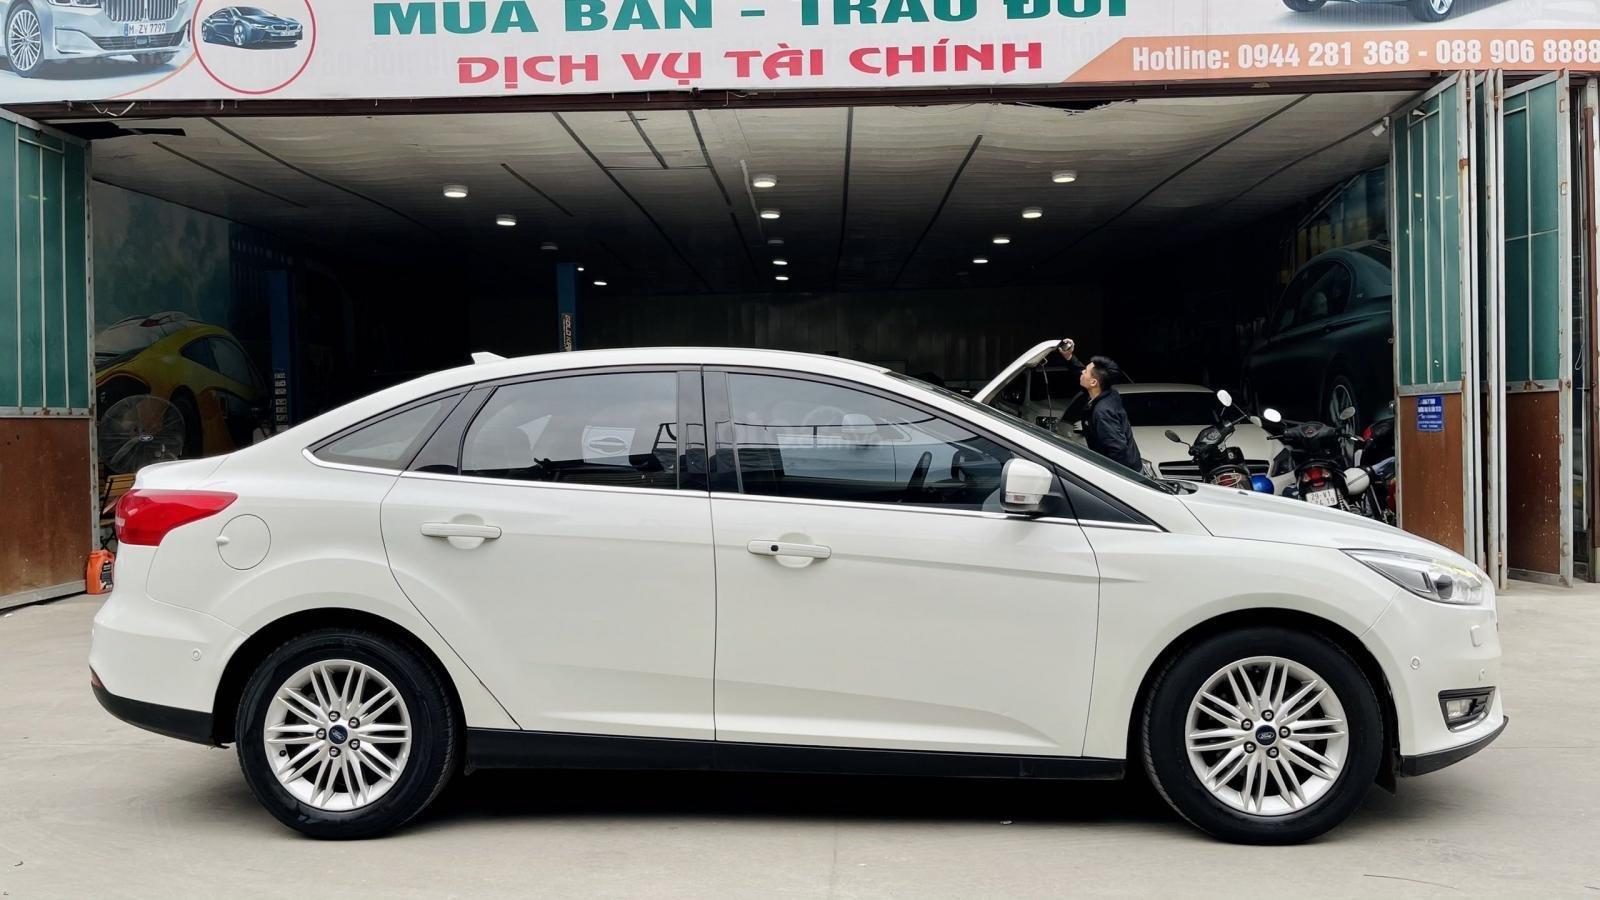 Cần bán xe Ford Focus đăng ký lần đầu 2017, màu trắng nhập khẩu nguyên chiếc giá tốt (6)